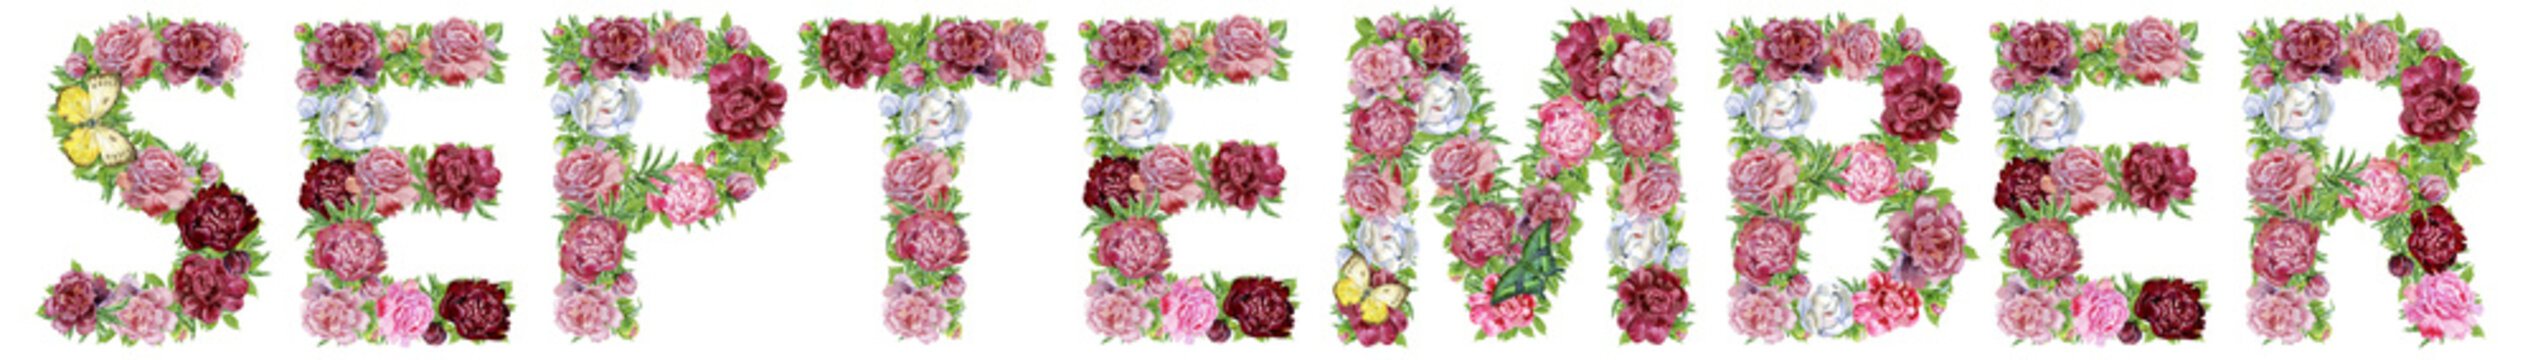 Word September of watercolor flowers